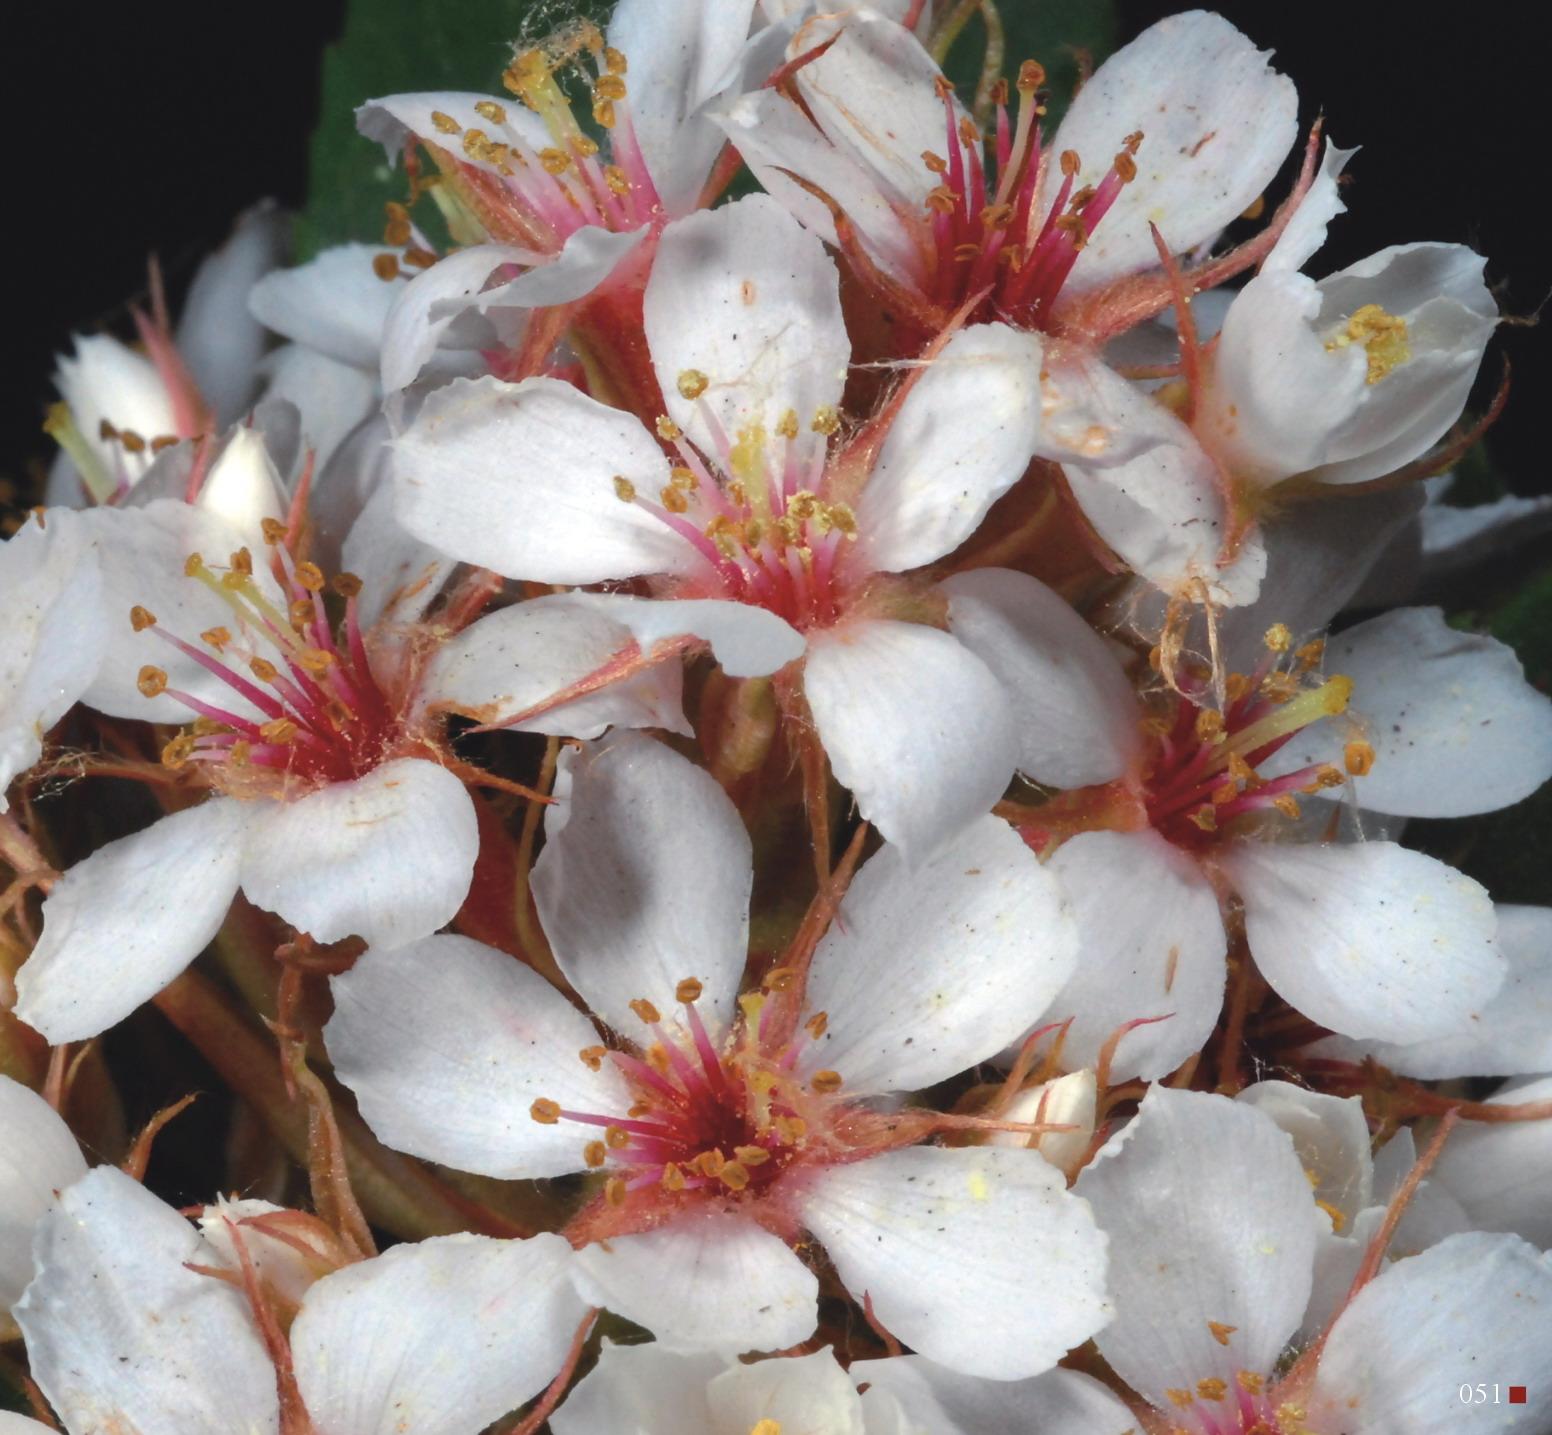 色彩繽紛的田代氏石斑木適合作為景觀植物